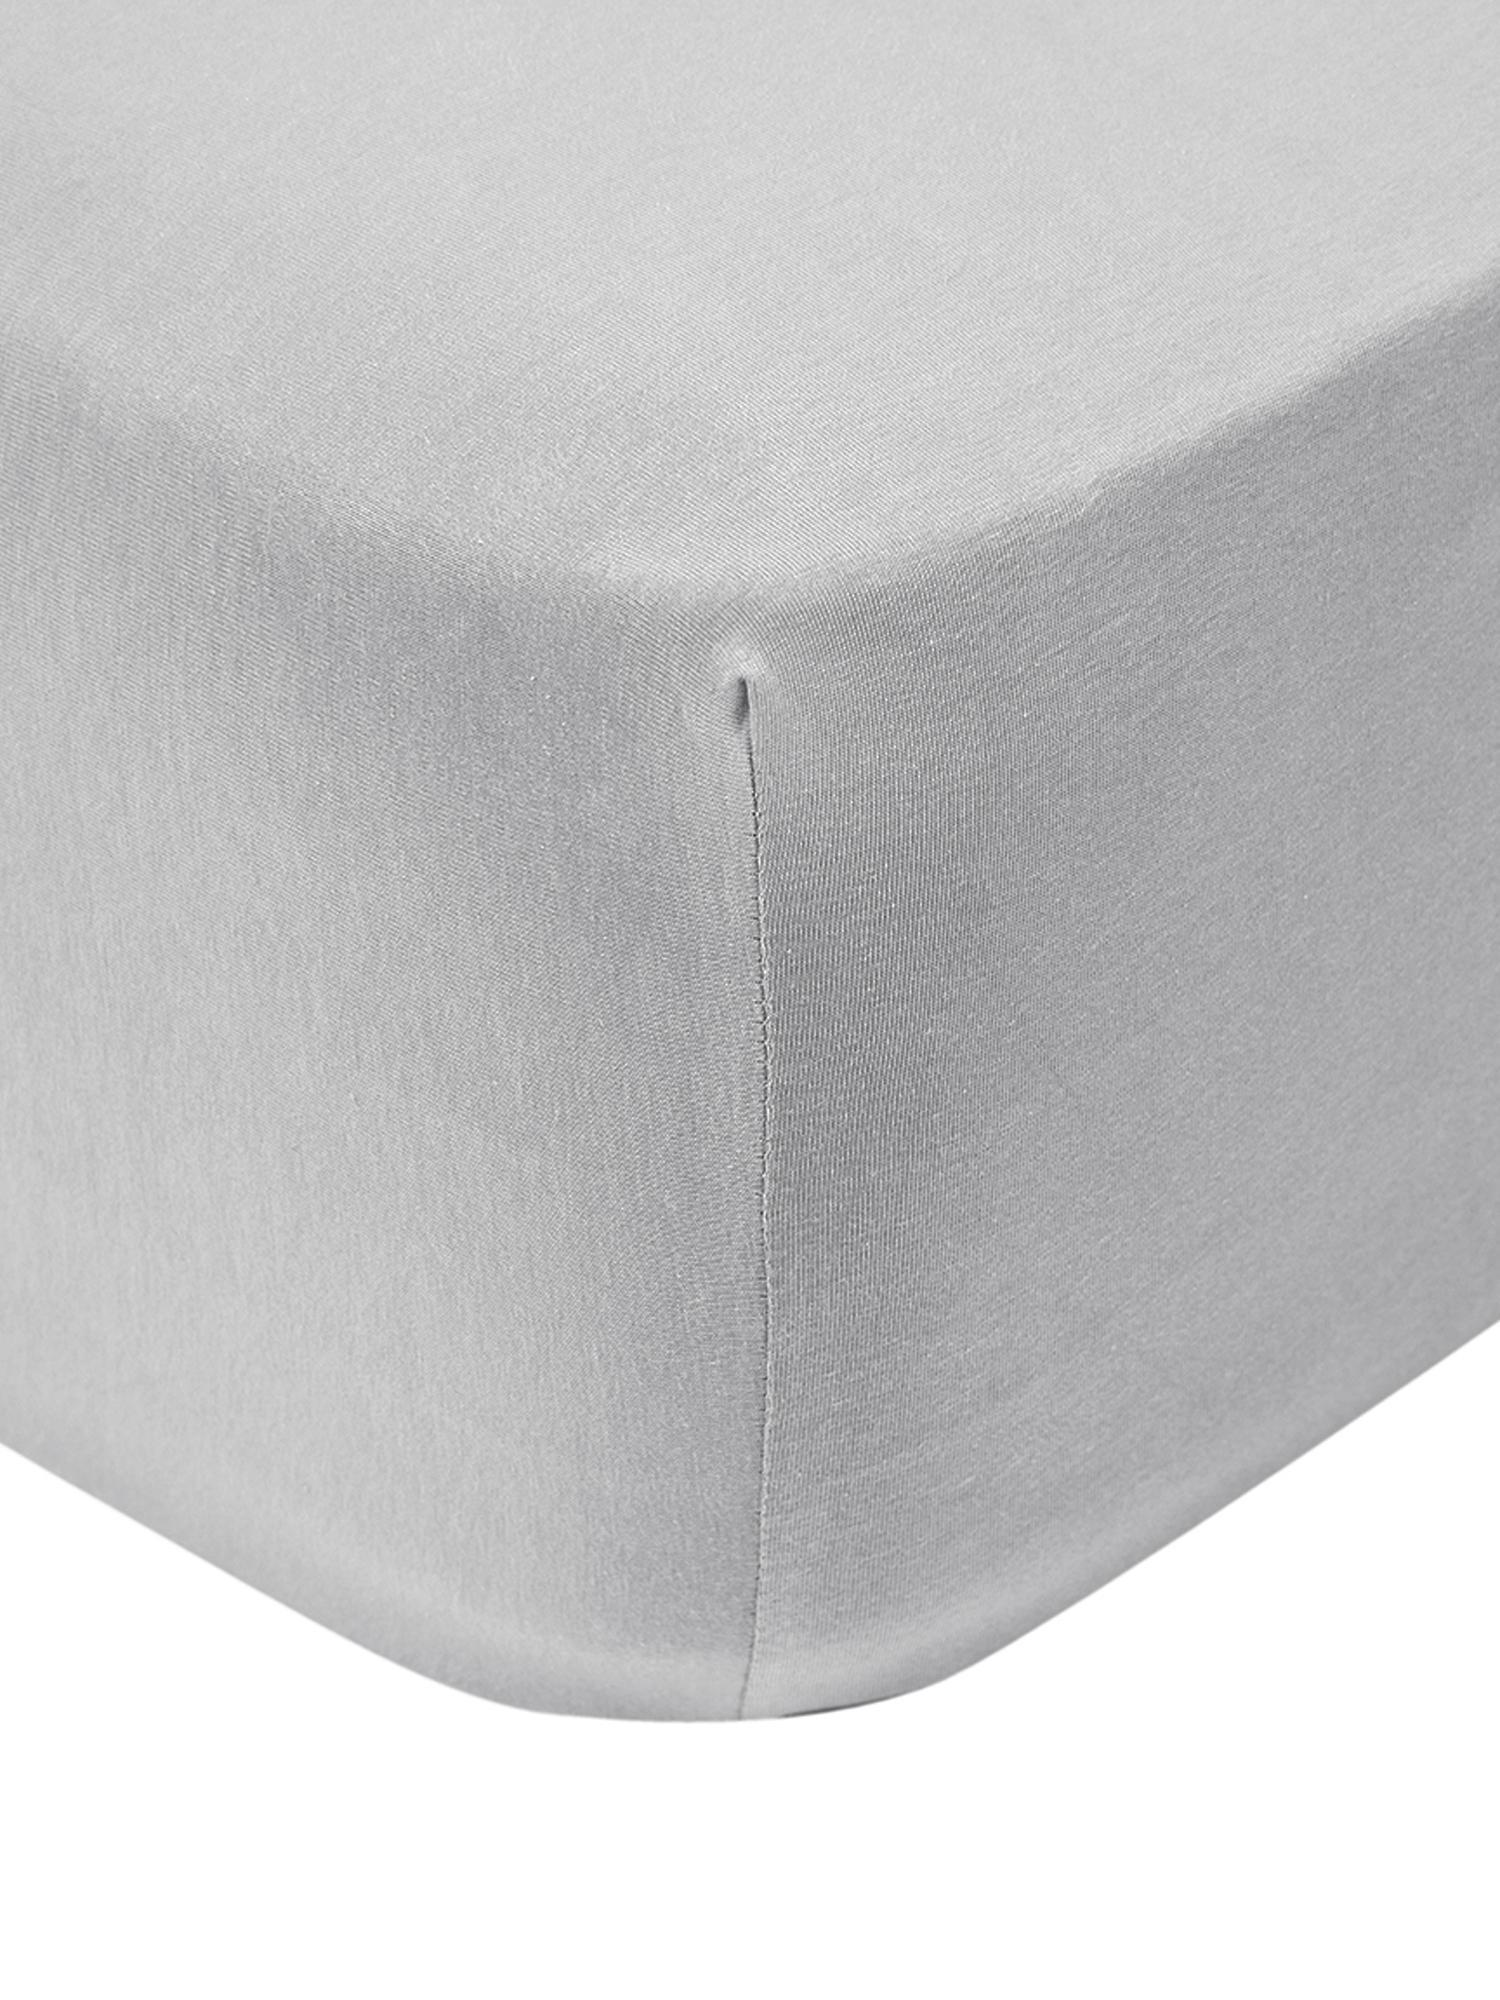 Jersey topper hoeslaken Lara, 95% katoen, 5% elastaan, Lichtgrijs, 90 x 200 cm